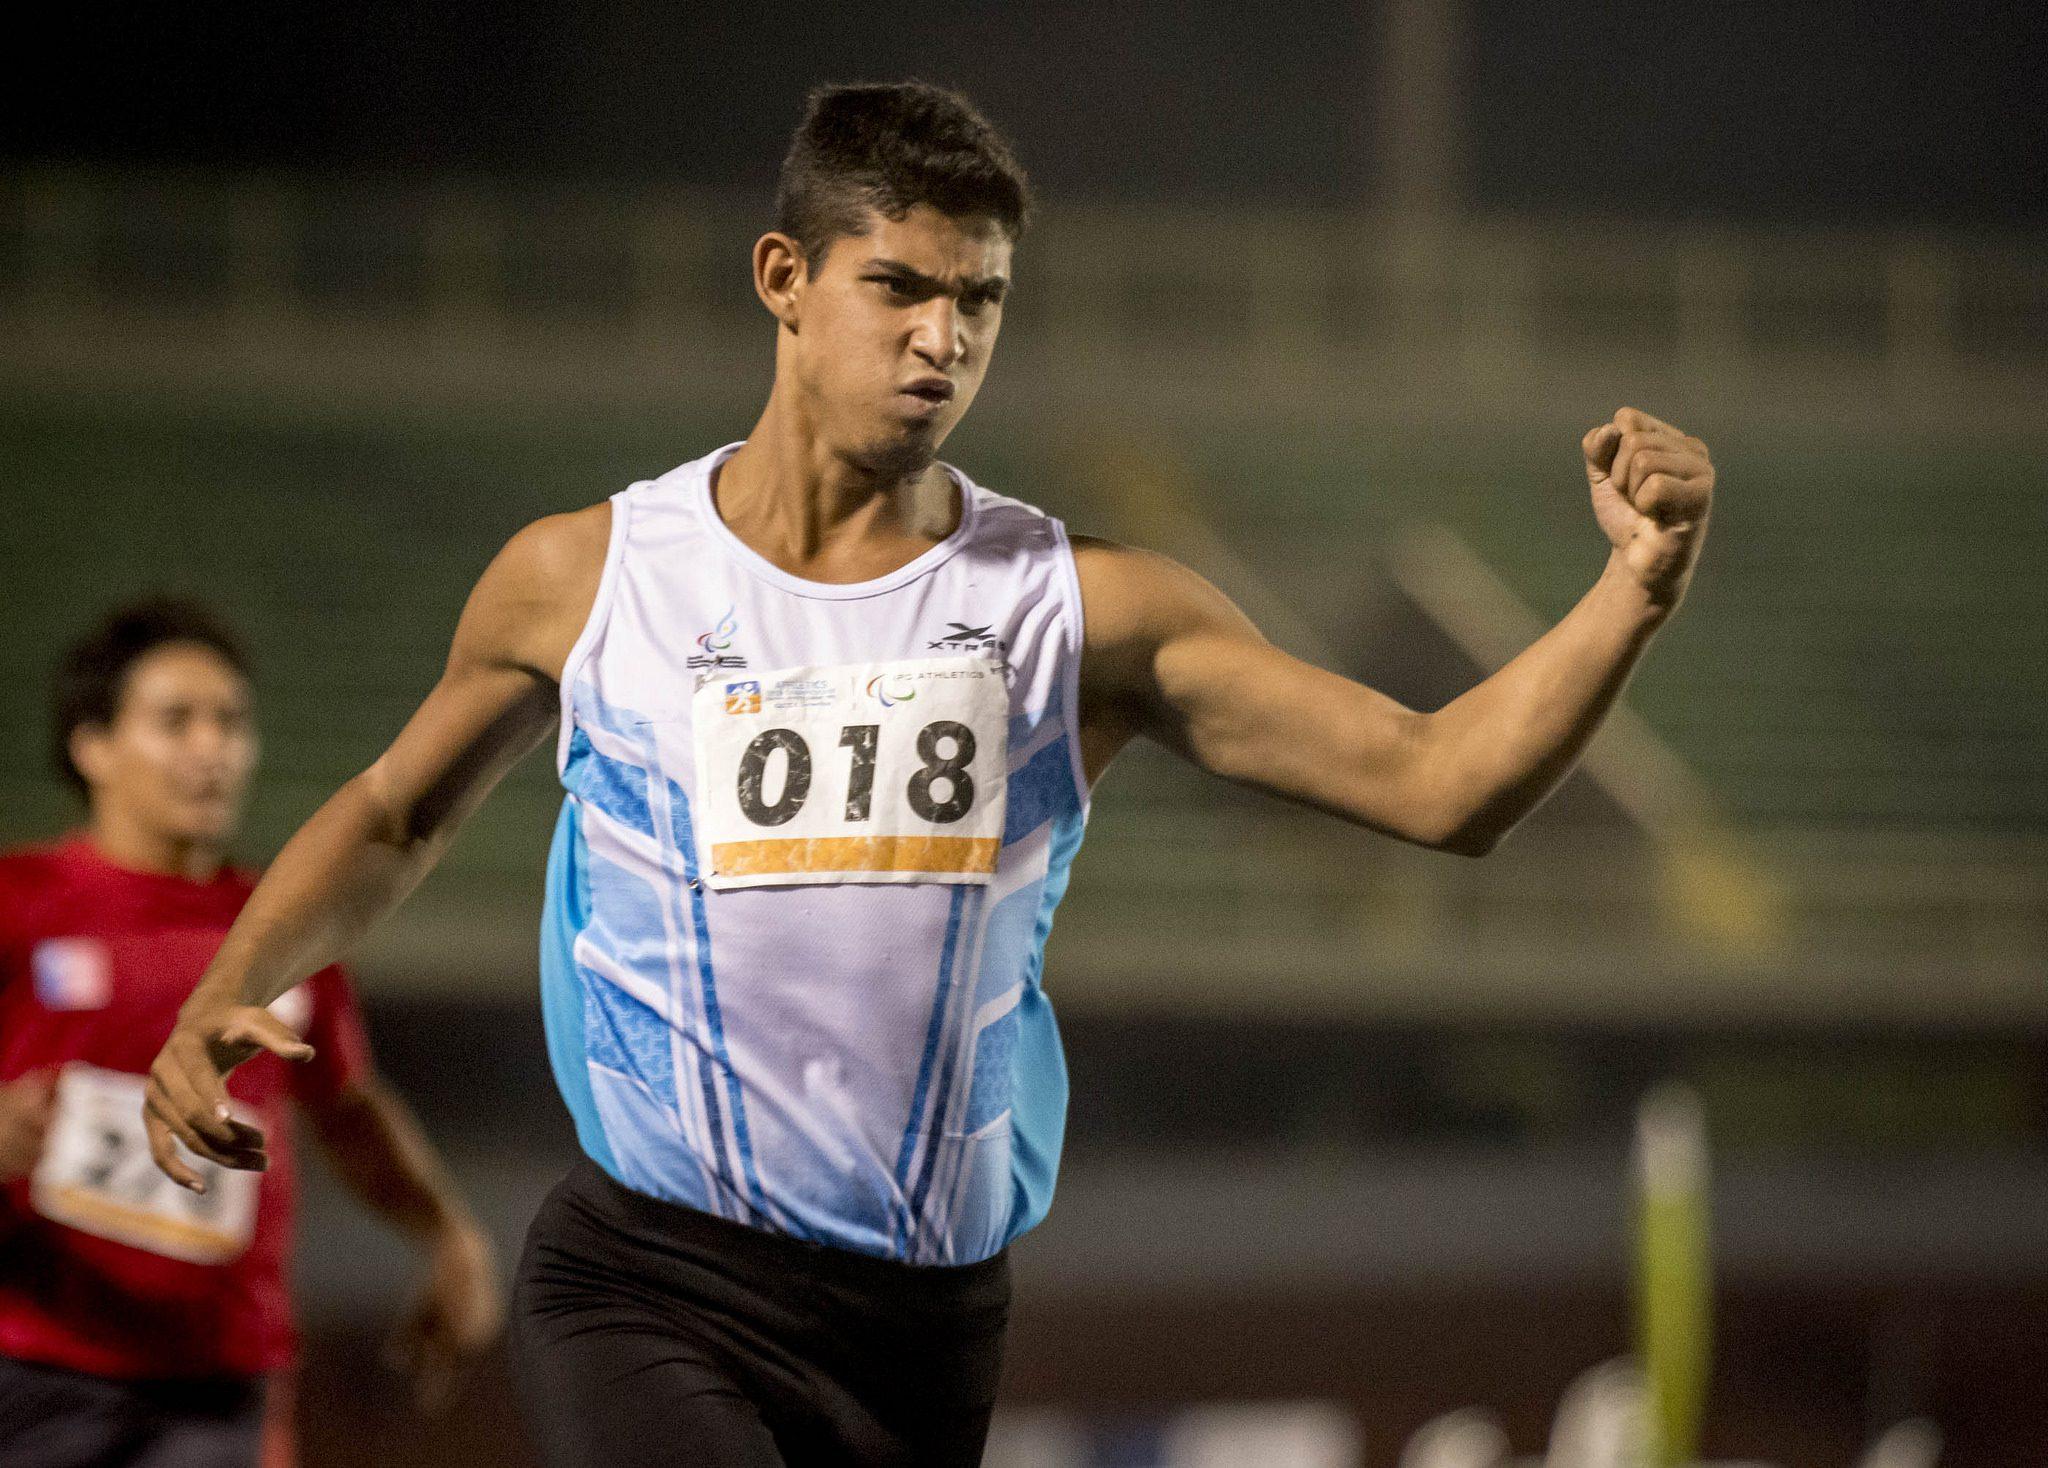 Atletismo adaptado: diez medallas en arranque del Open Caixa de Brasil